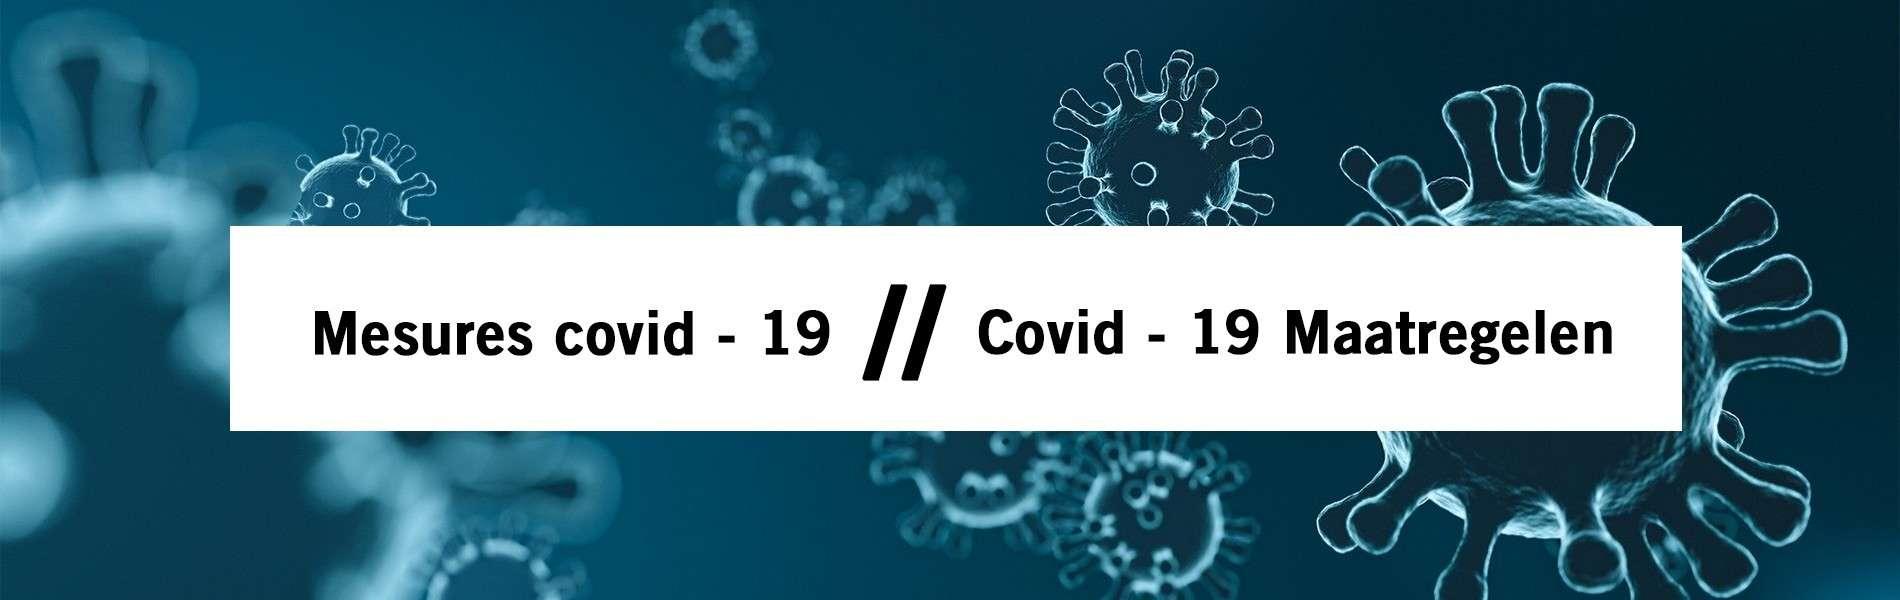 Covid- 19 : Maatregelen